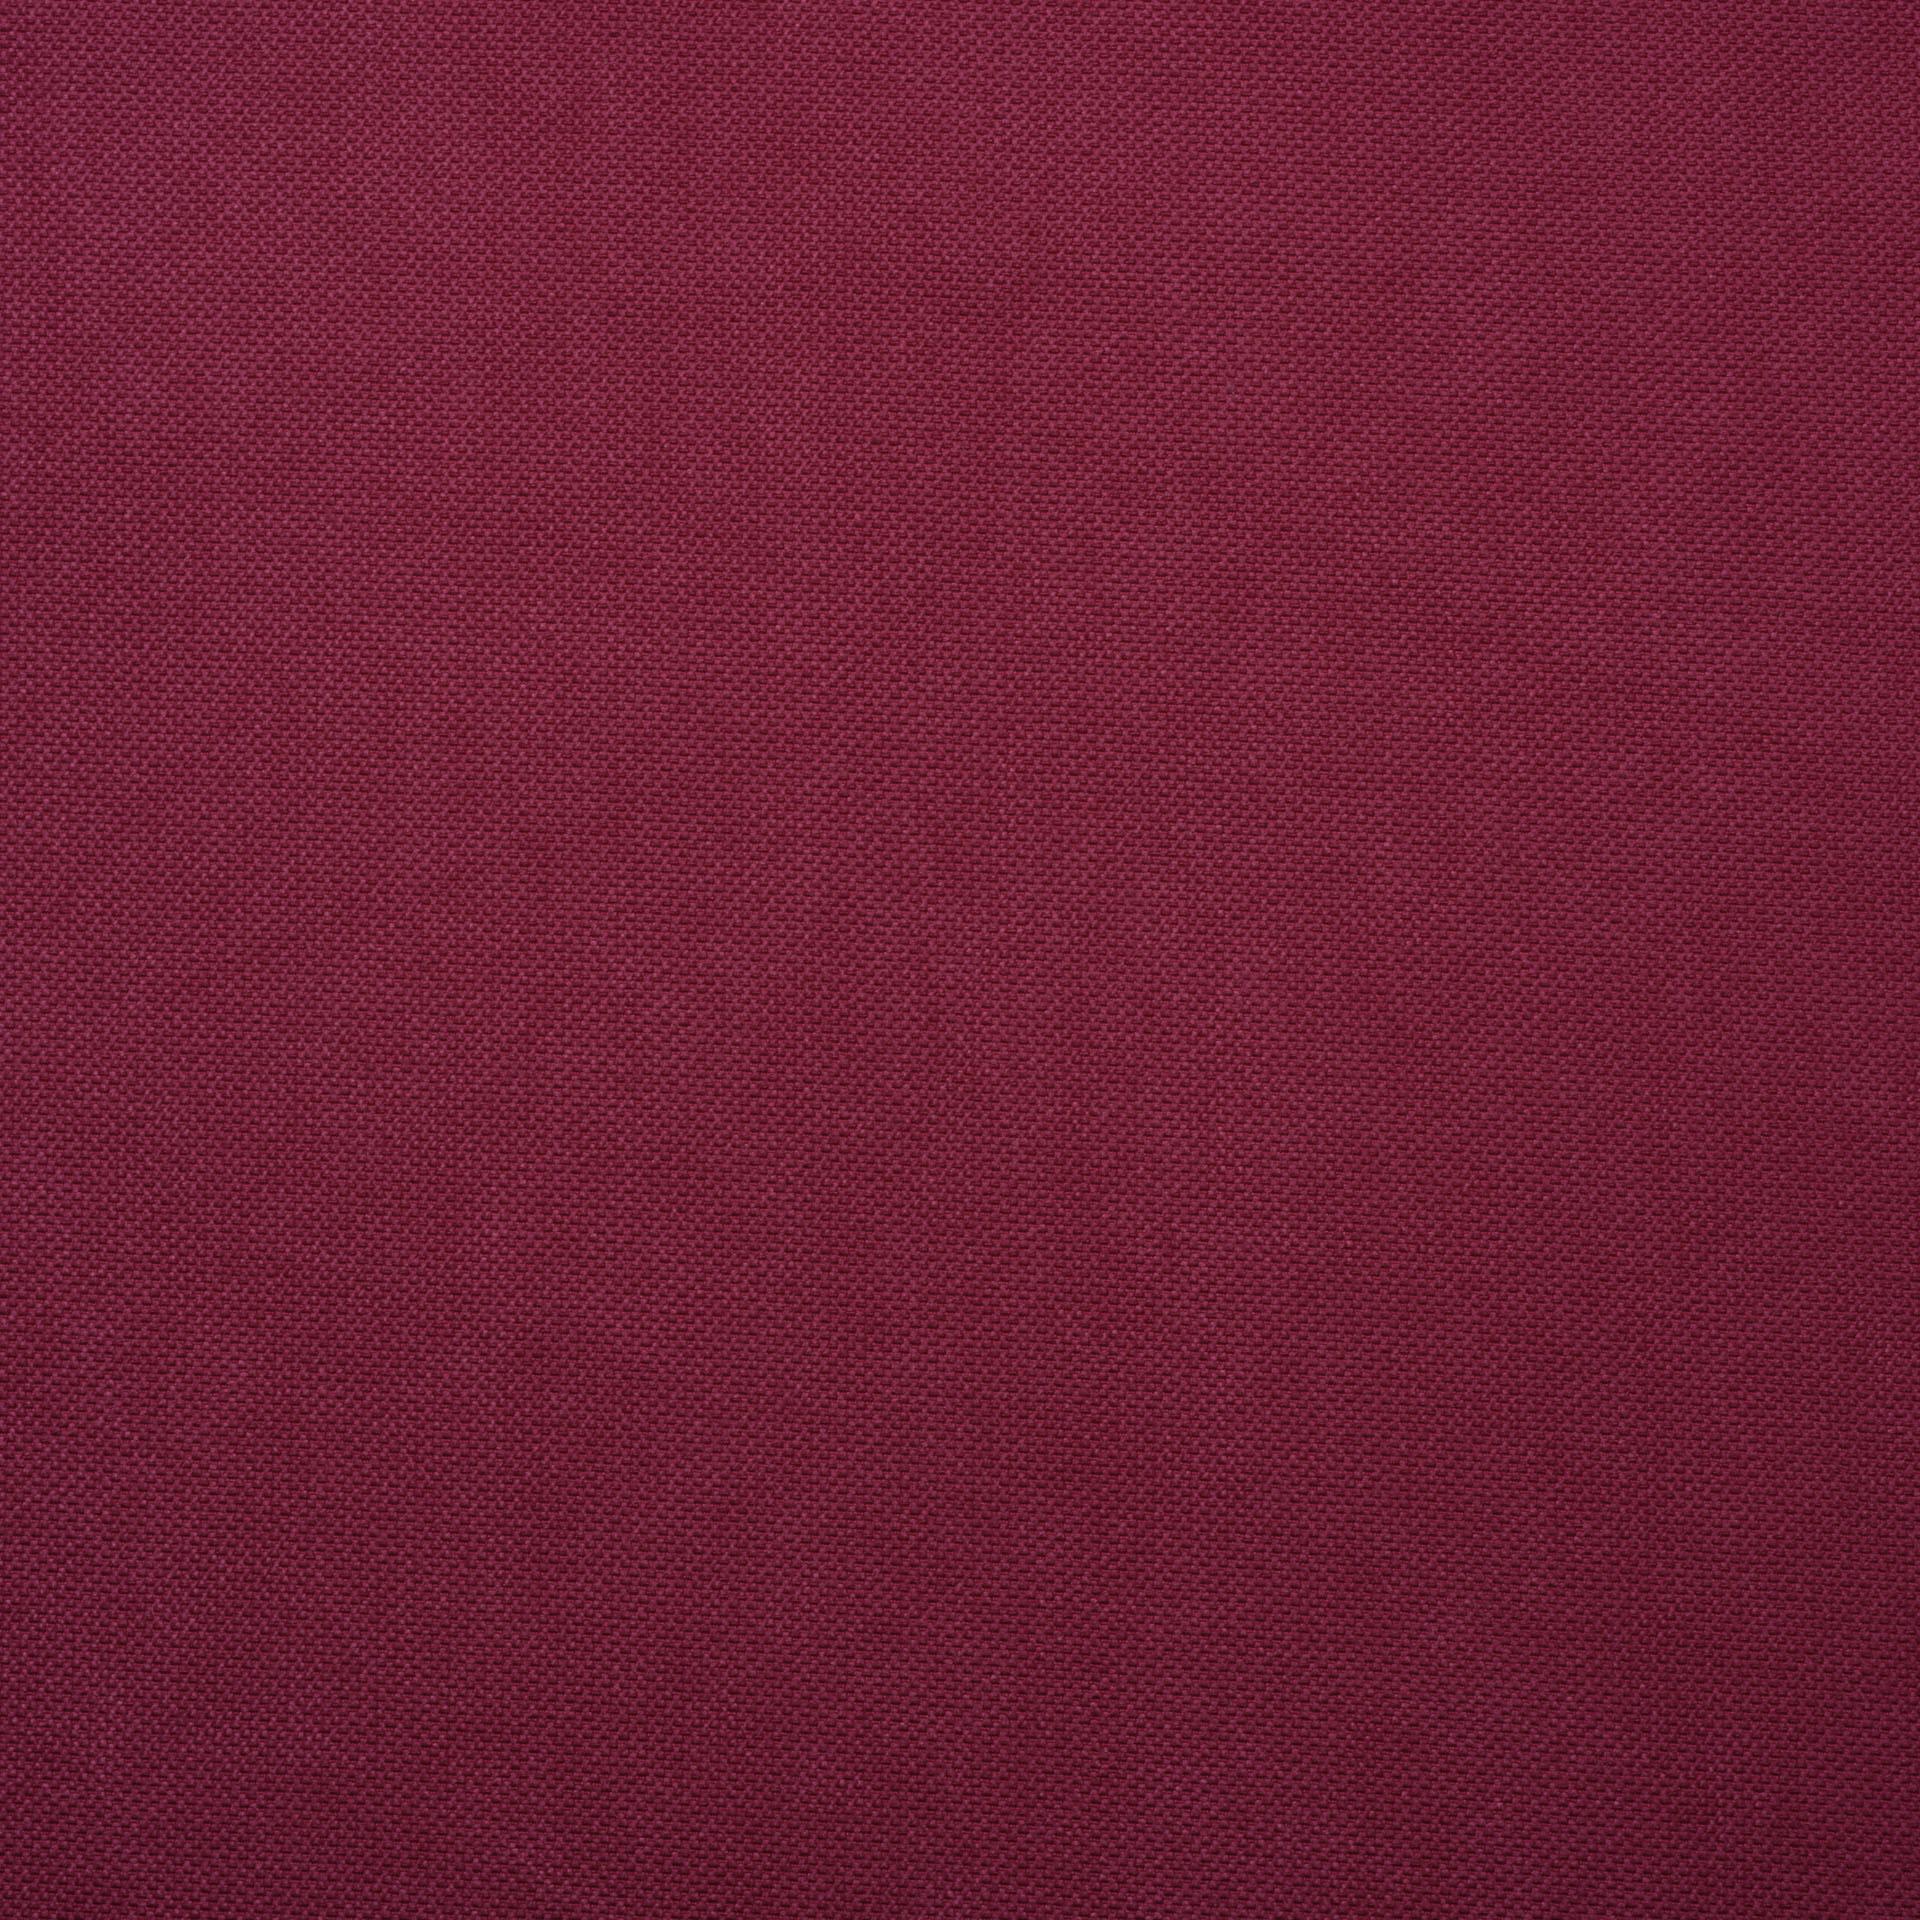 Коллекция ткани Стэнли 12 FANDANGO,  купить ткань Жаккард для мебели Украина